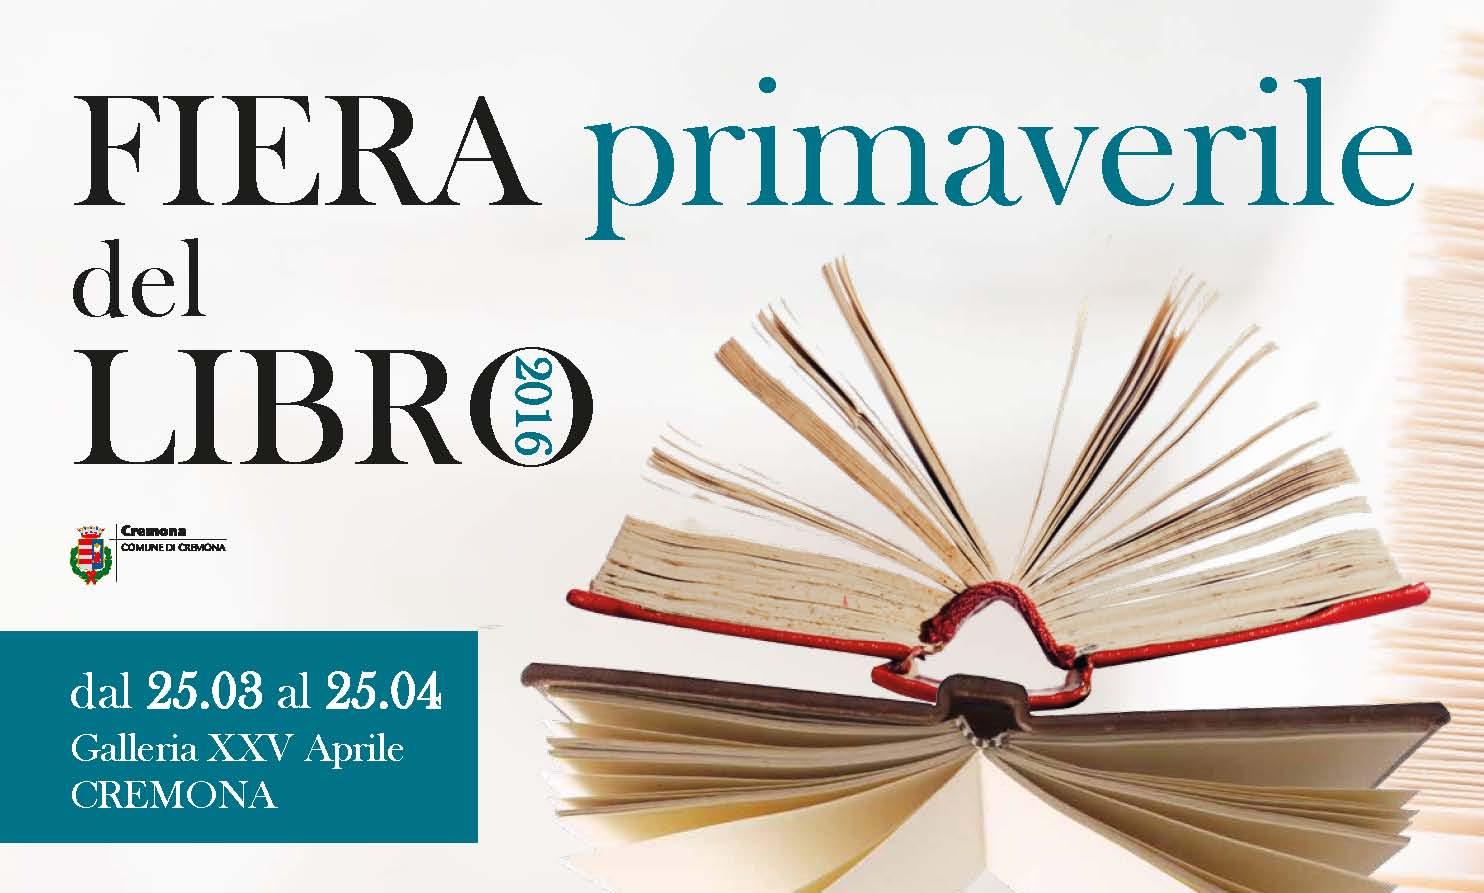 Il piacere della lettura: dal 25 aprile torna con una nuova formula la Fiera del Libro in Galleria